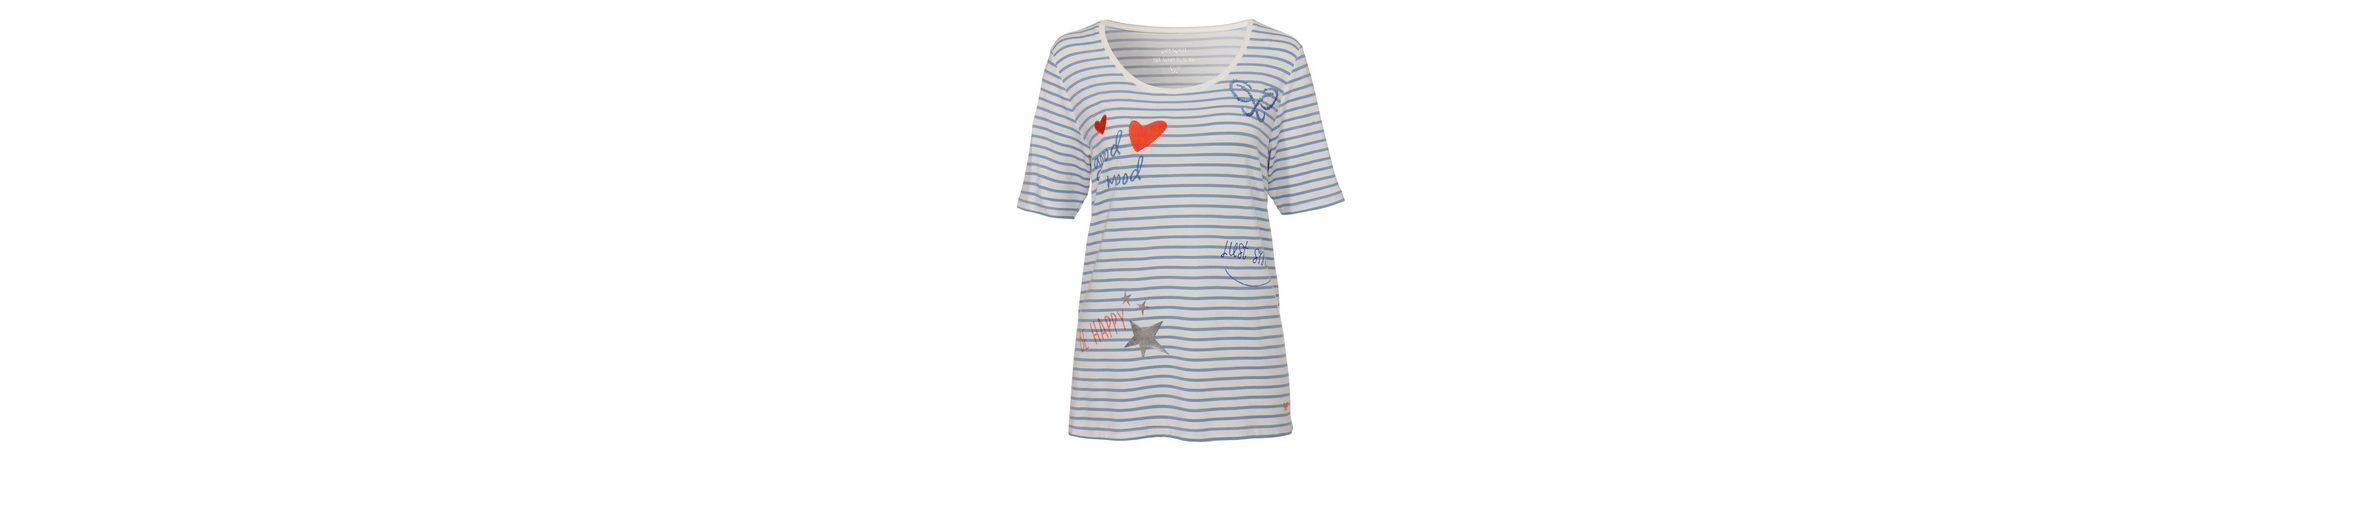 Spielraum Mode-Stil passport Maritimes Shirt mit Verzierungen Limit Rabatt iLlf8